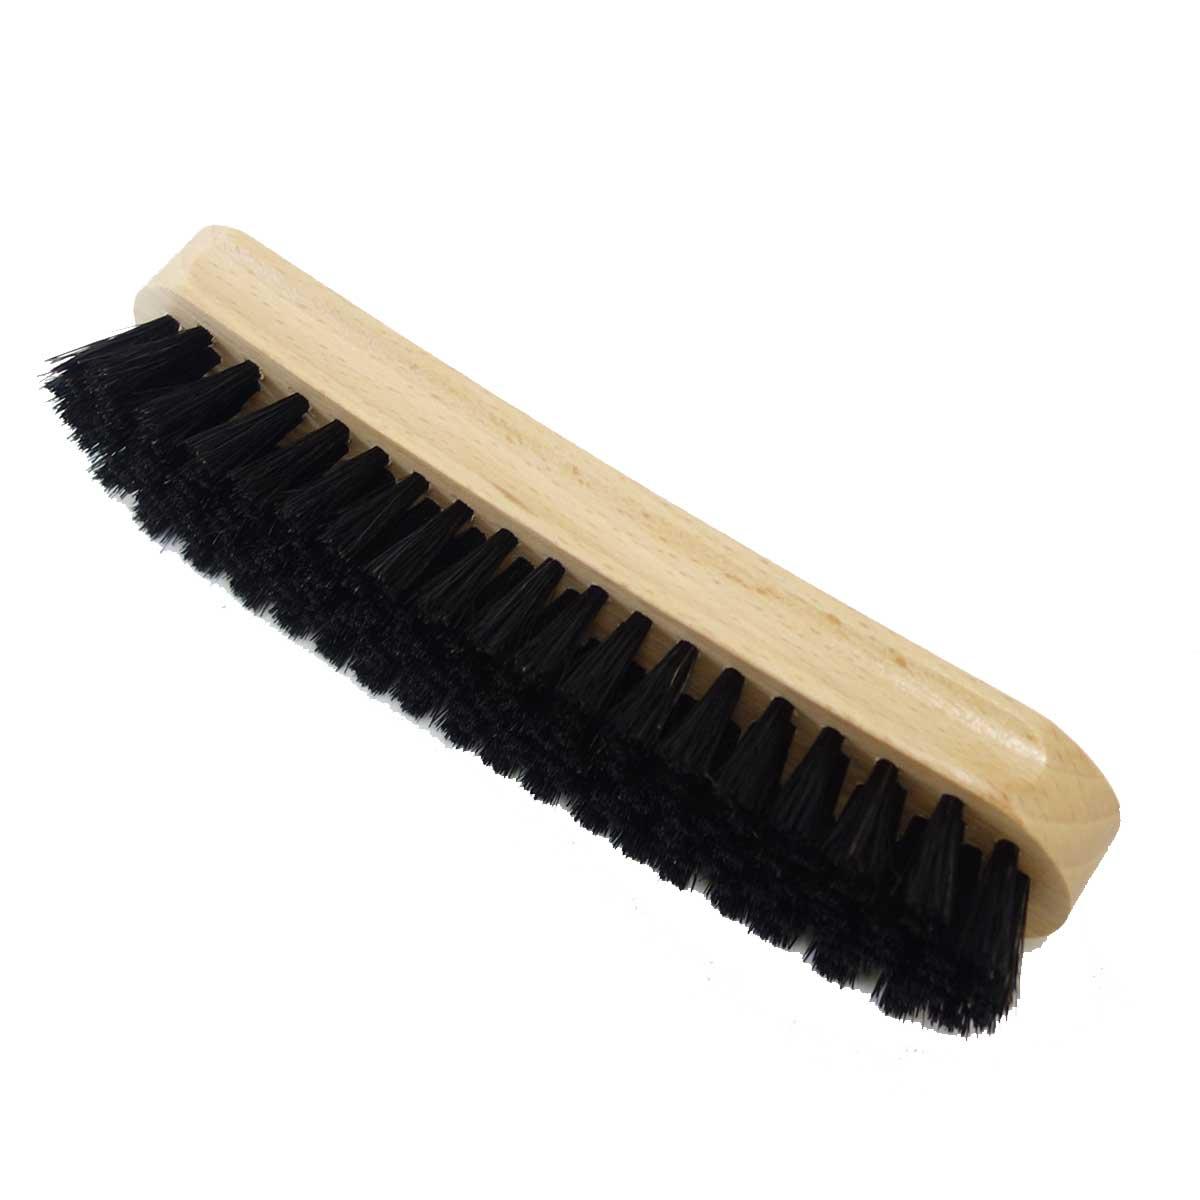 DASCO ダスコ ブリストルブラシ(ラージ)汚れ落としやクリーム伸ばし用の豚毛ブラシ